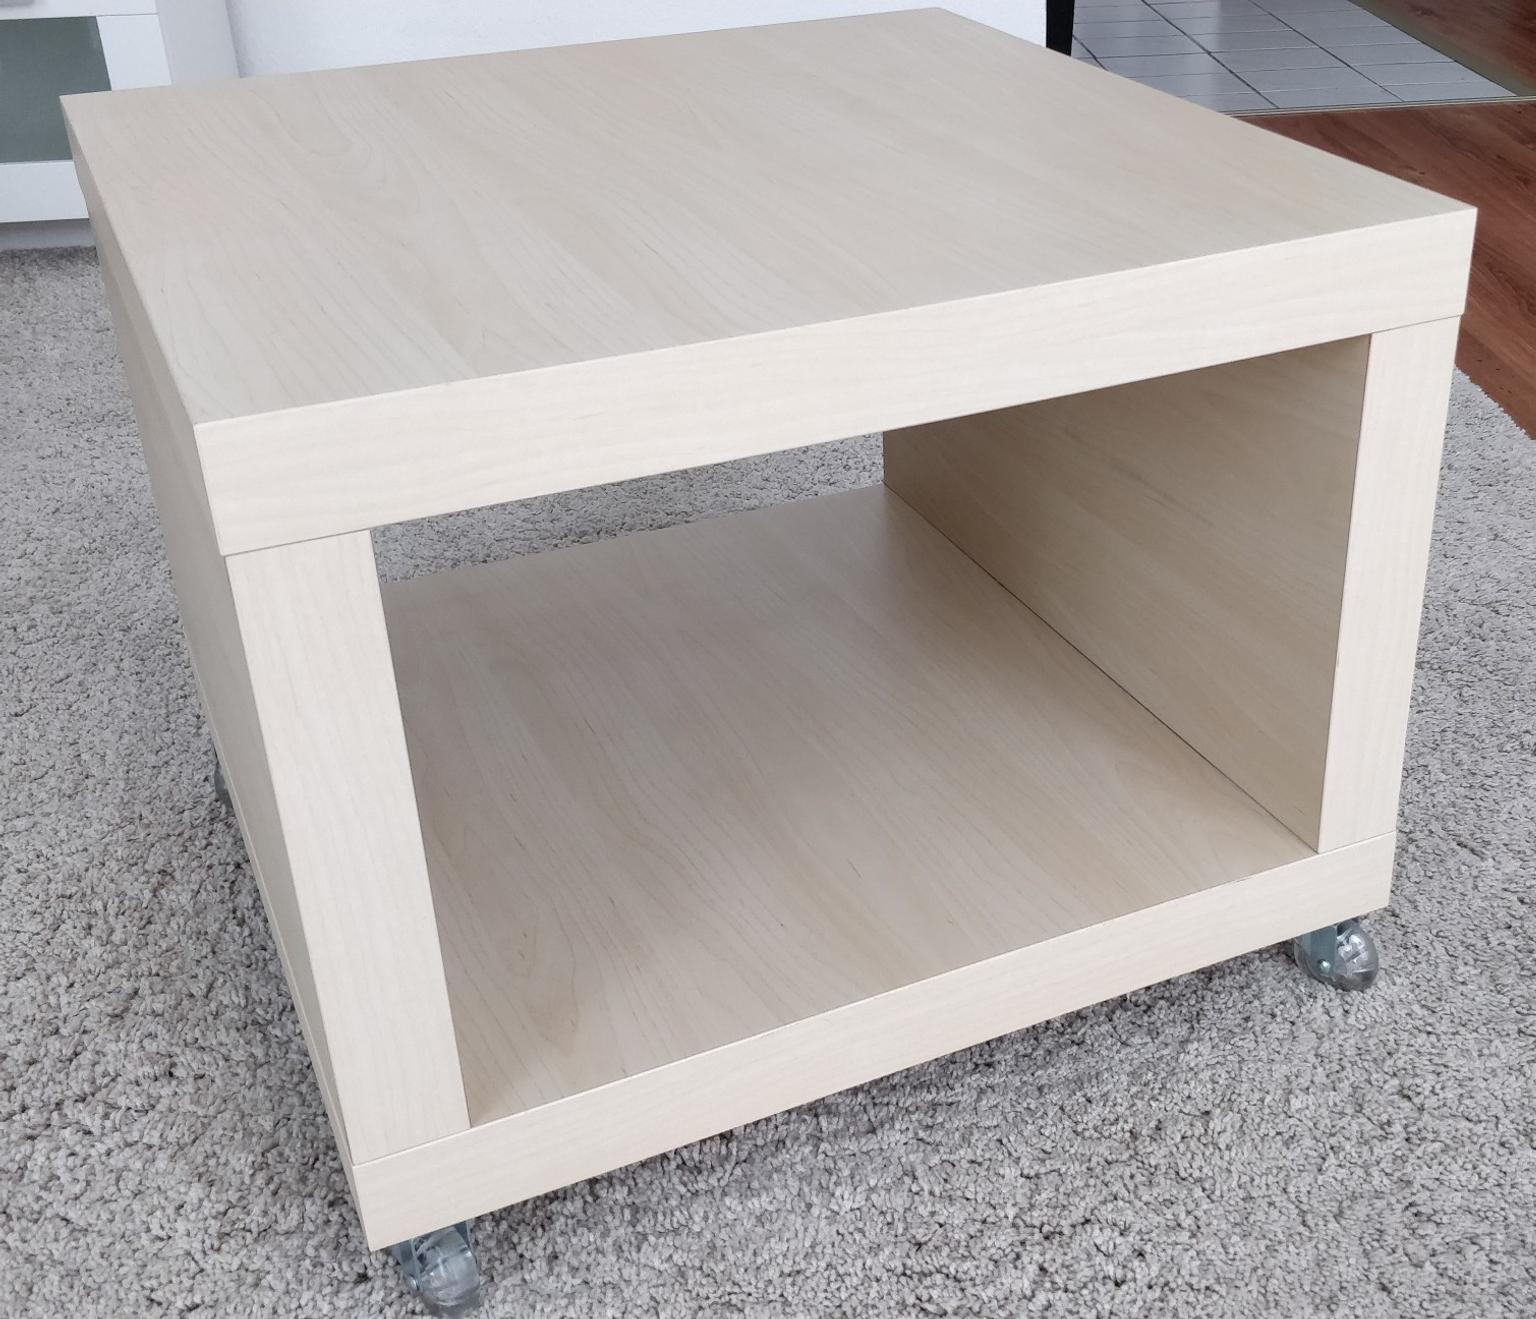 Kleiner Wohnzimmertisch Ikea – Caseconrad.com